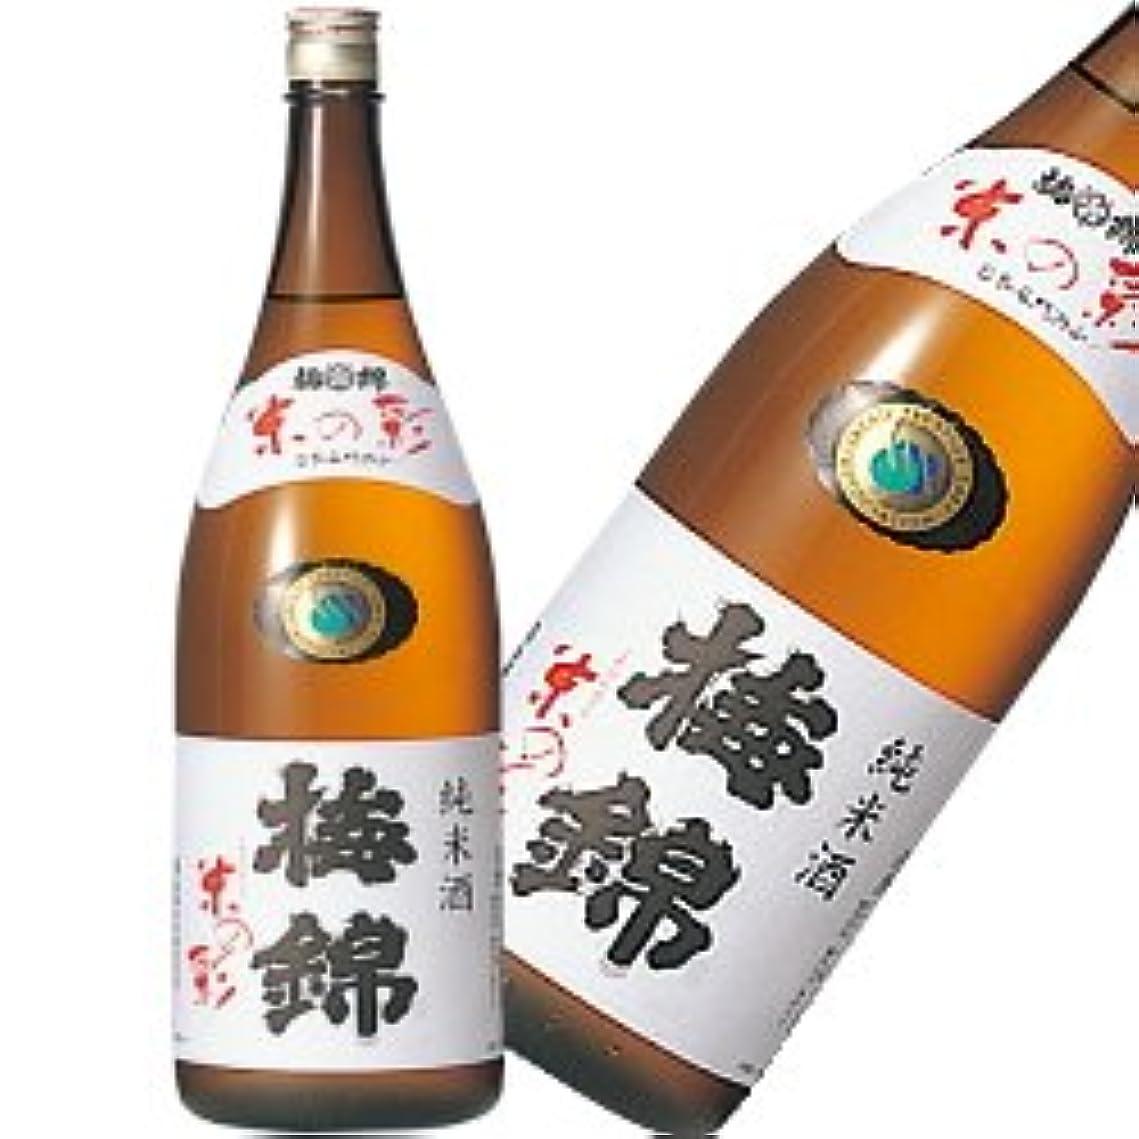 よく話されるデコレーション改革梅錦 『米の彩』こめのいろどり 1800ml 純米酒